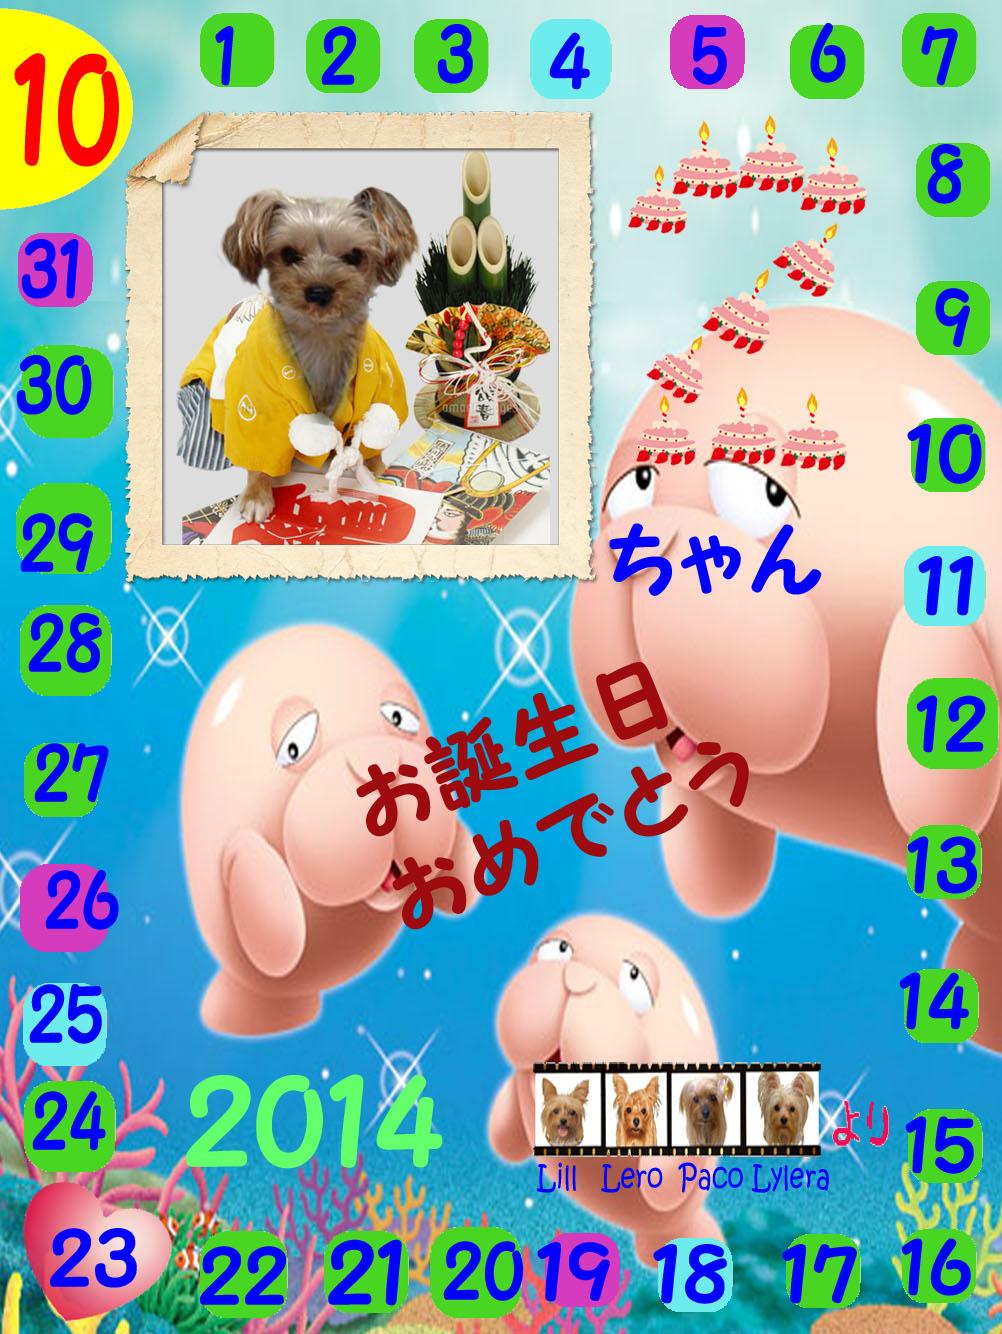 10-23-2014ゴンちゃん誕生日カード